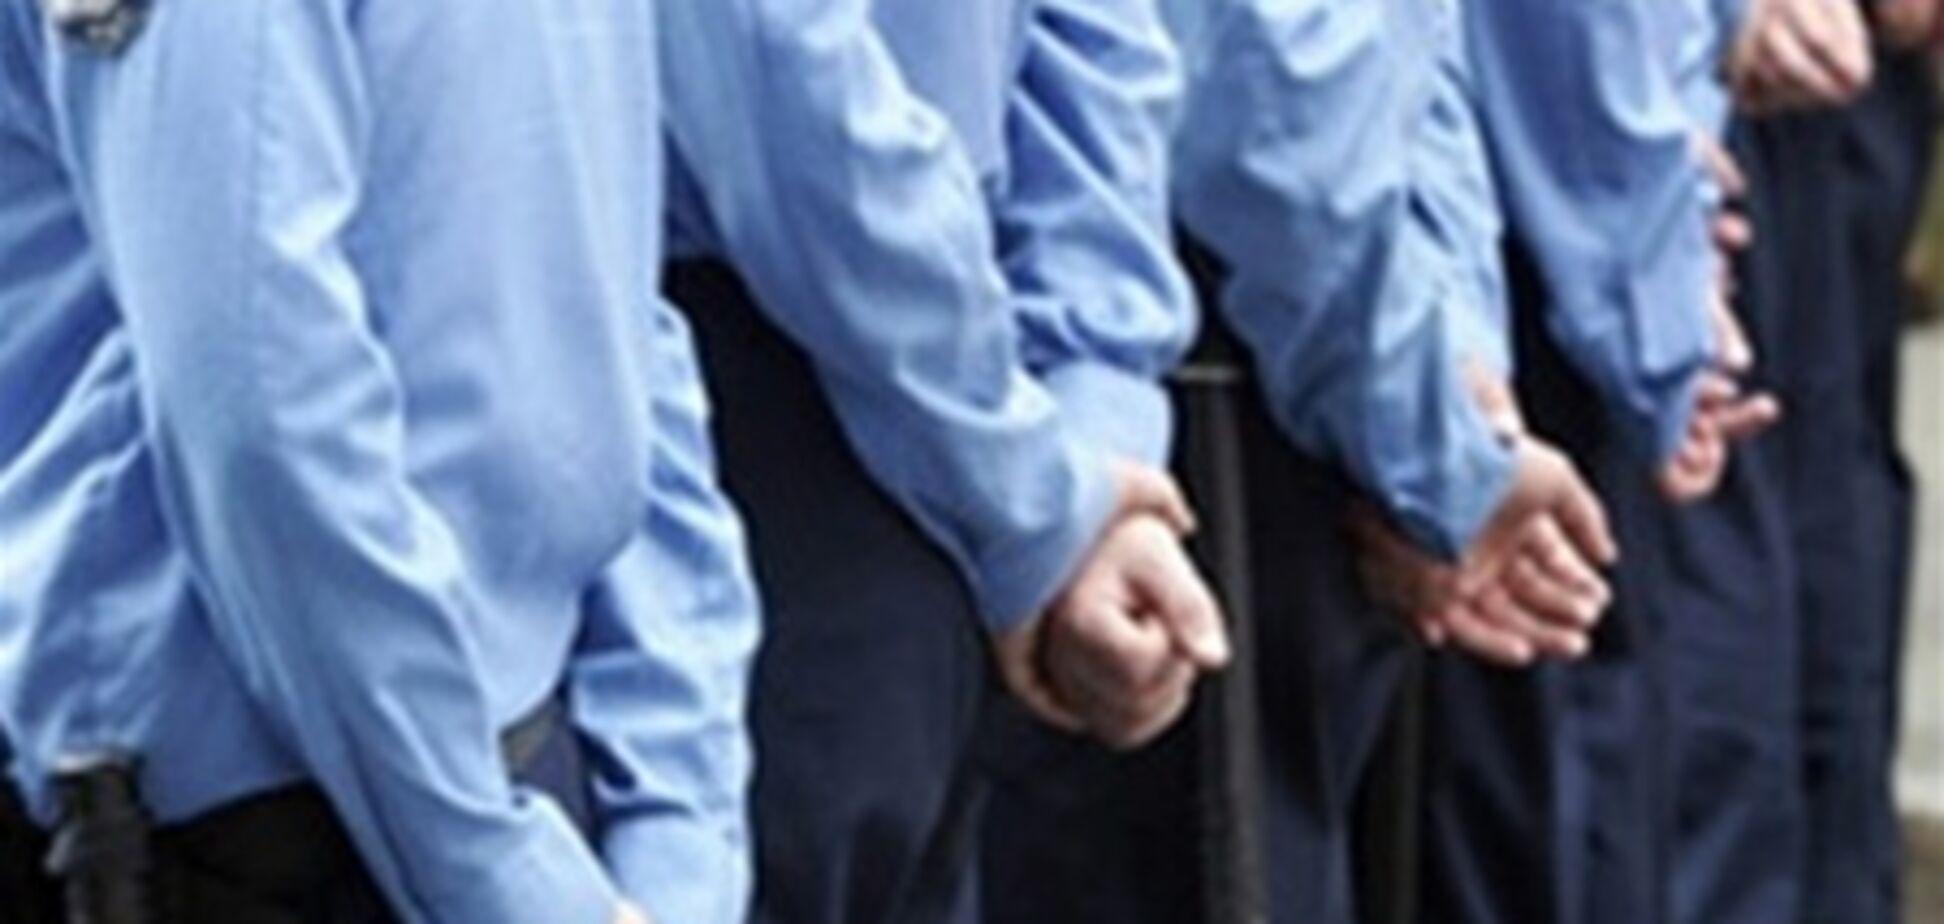 Милиционеры не могли защитить своего шефа от нардепа